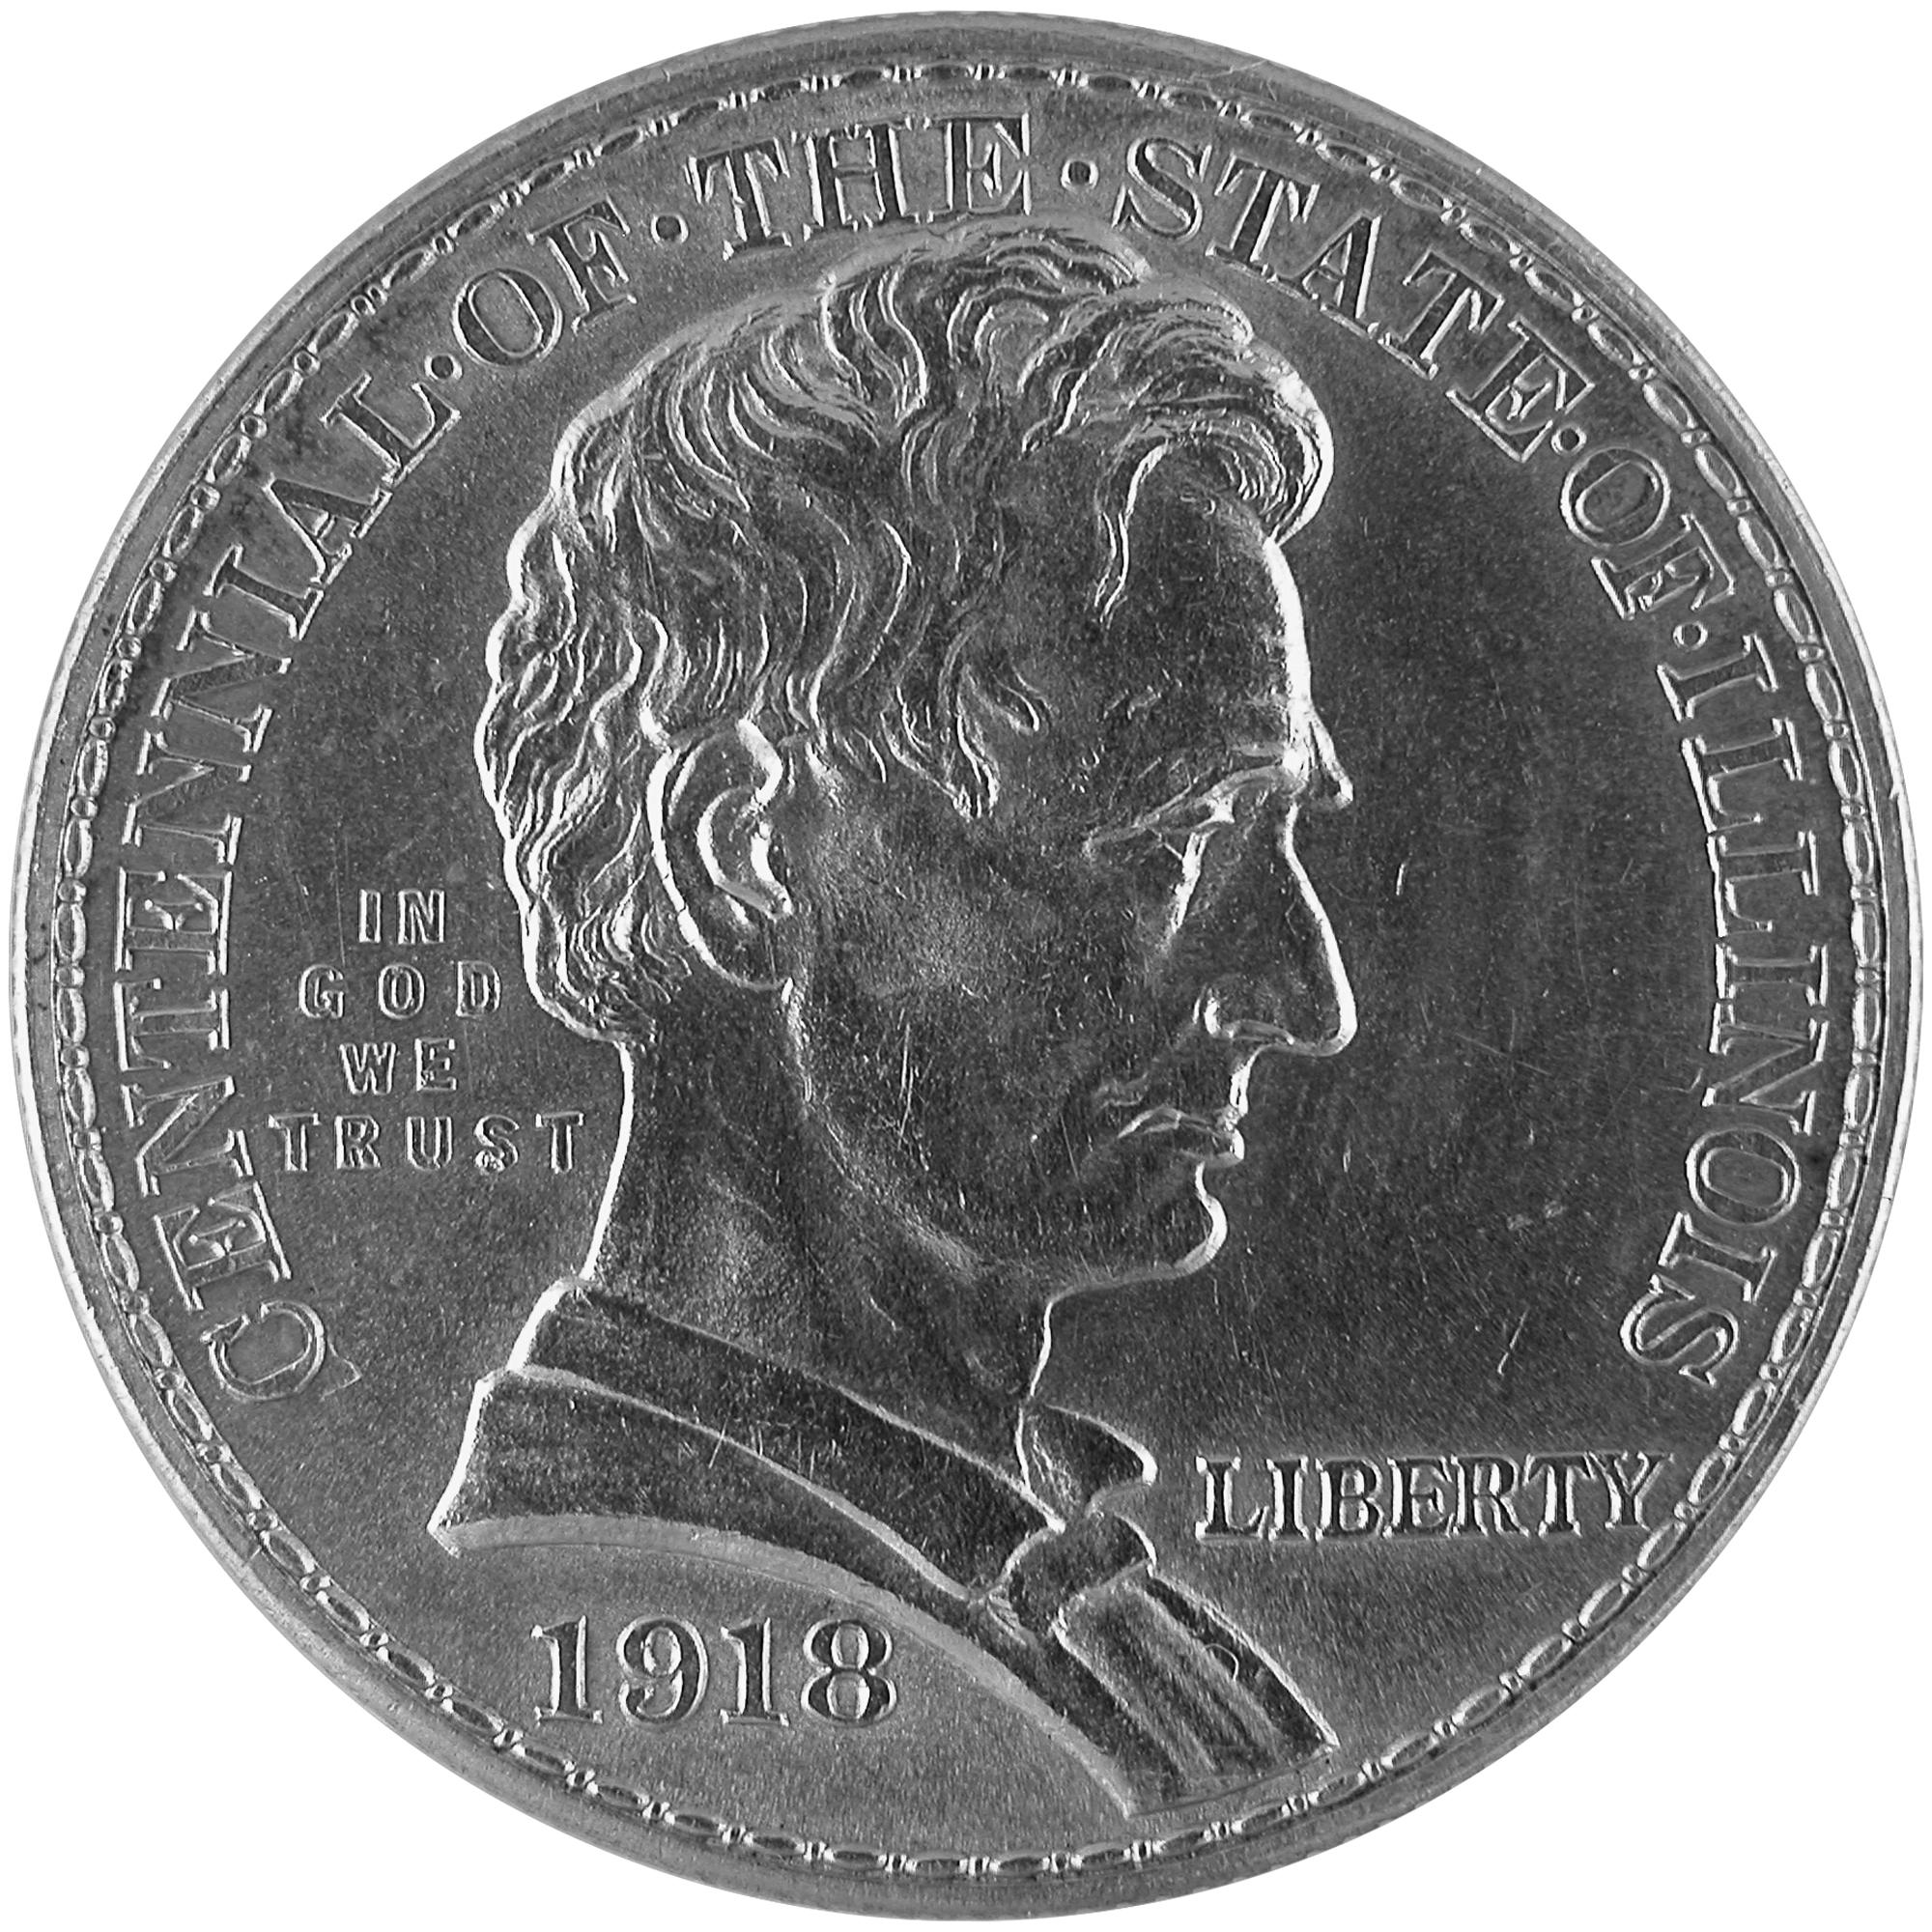 1918 Illinois Centennial Commemorative Silver Half Dollar Coin Obverse